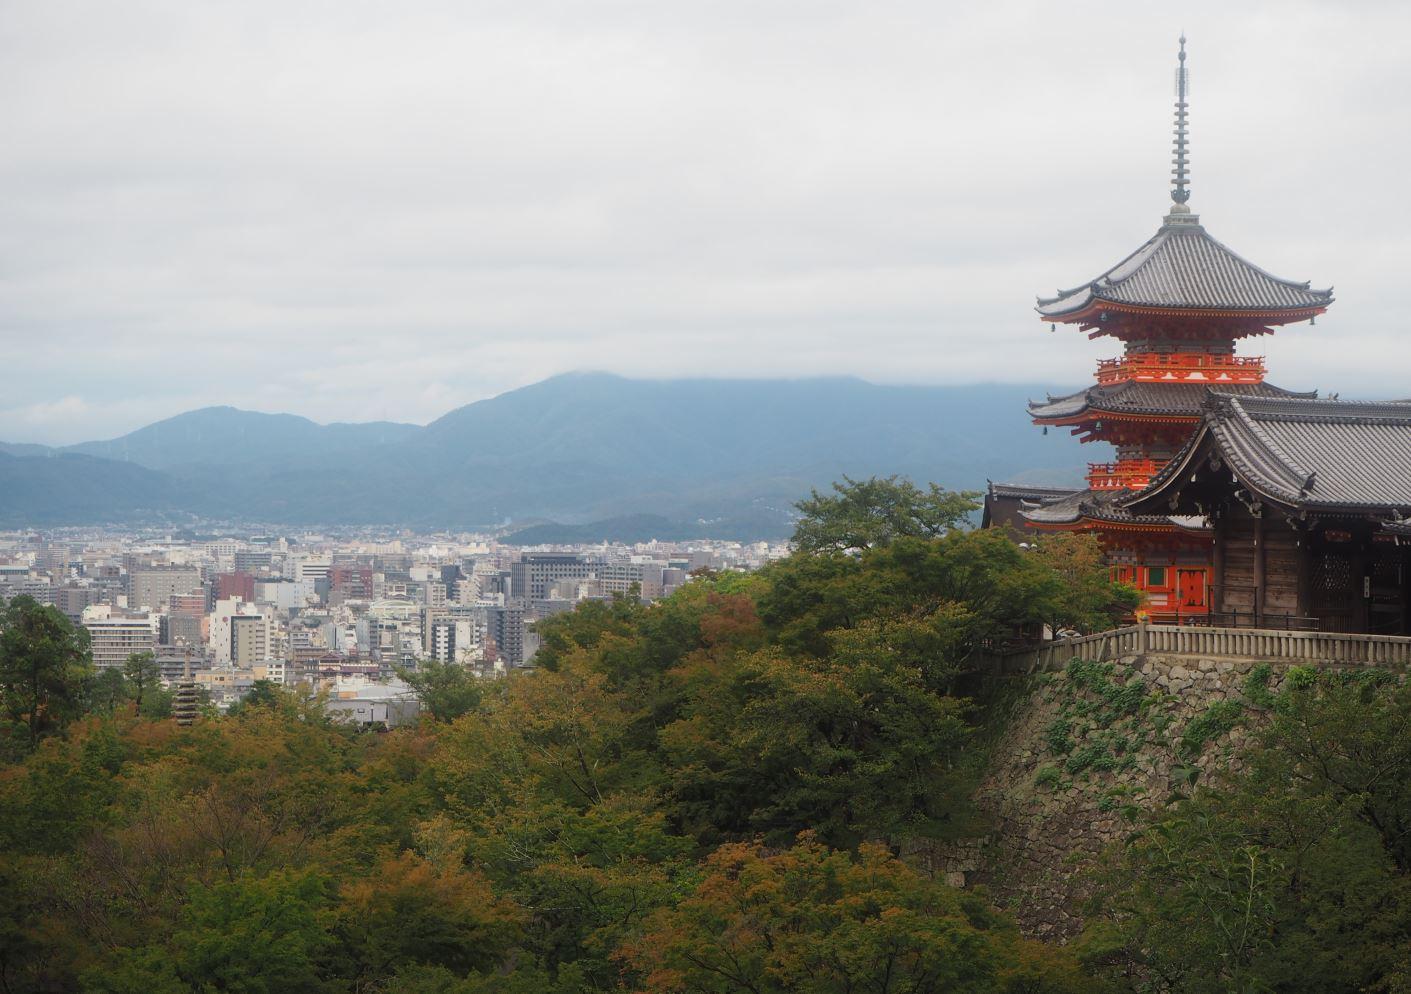 교토-오사카 여행 (2) - 기요미즈데라